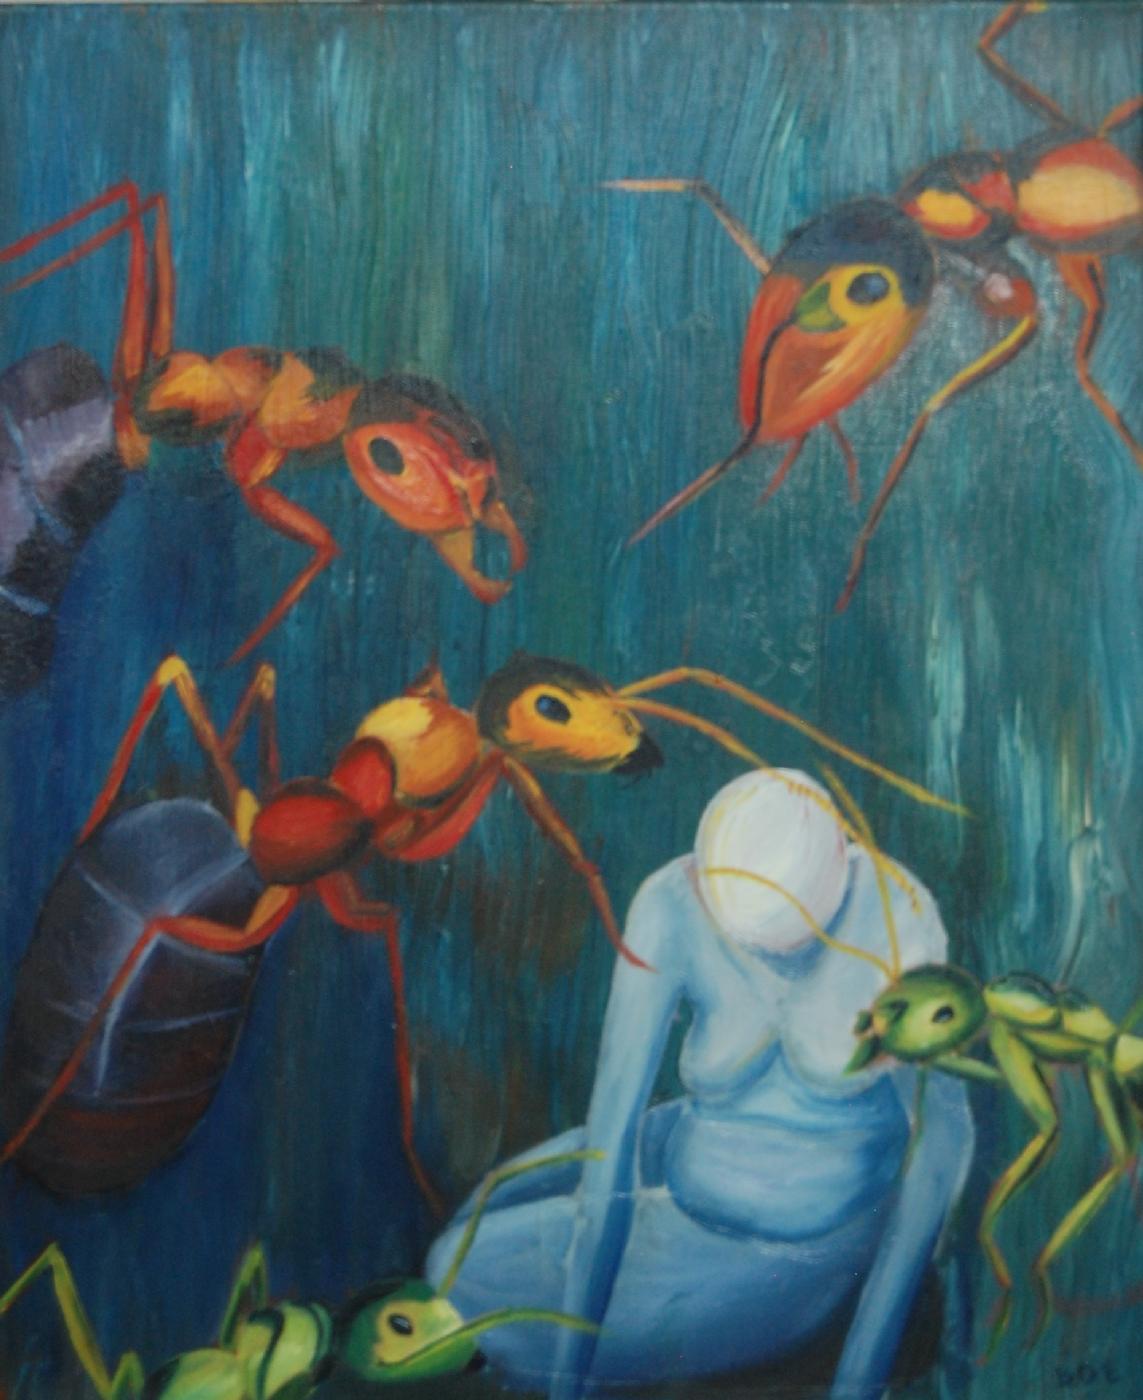 Menneskets skrøbelighed | Maleri